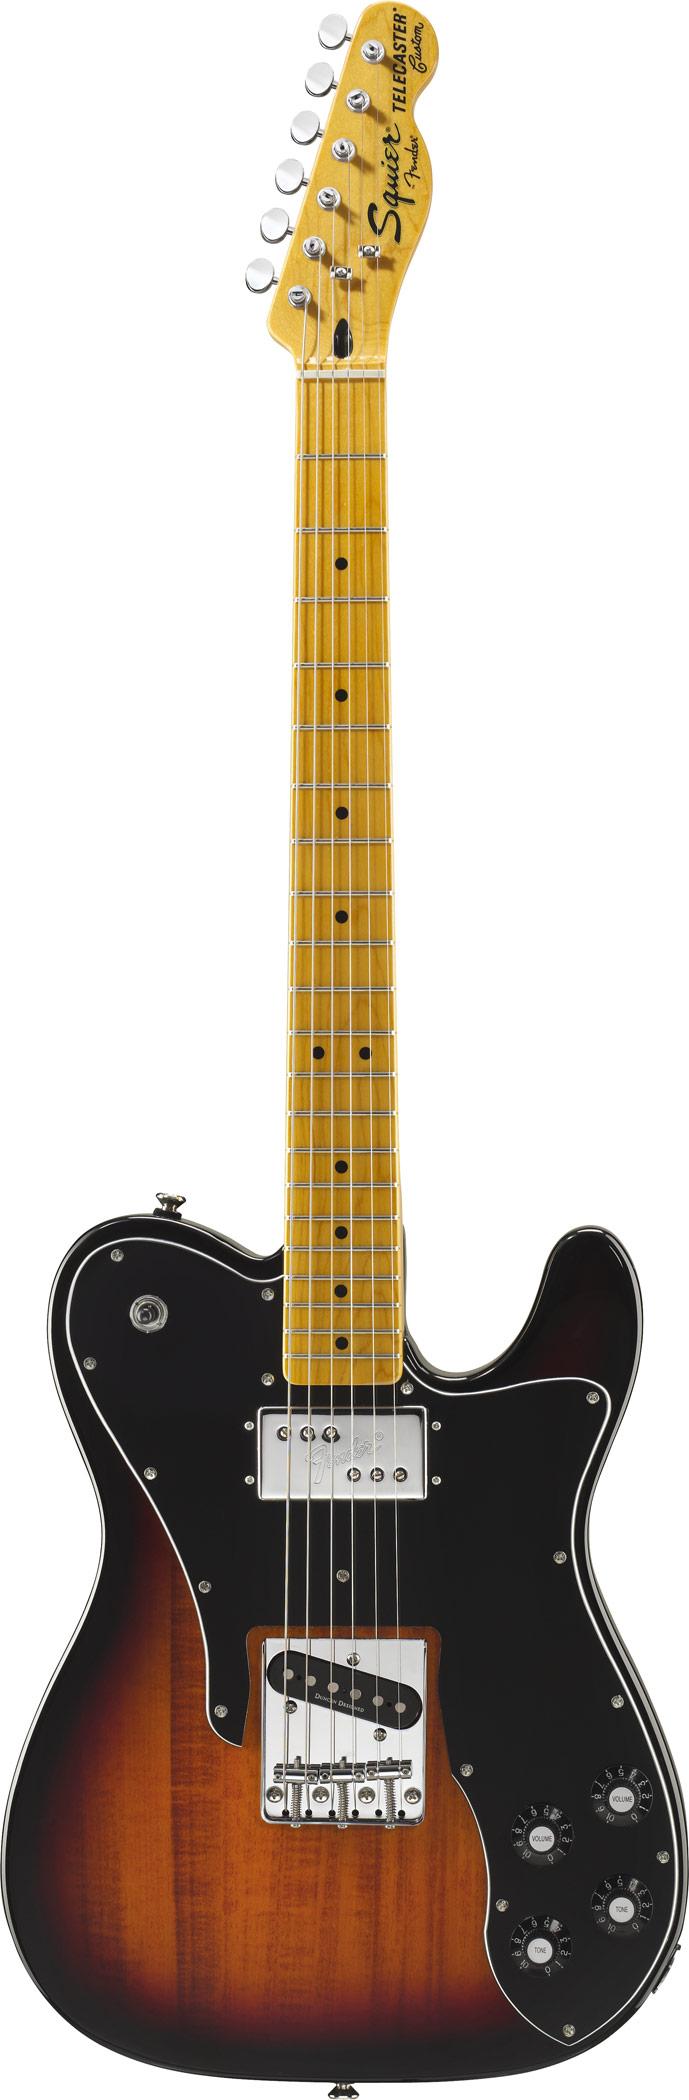 squier vintage modified telecaster custom vintage guitar magazine. Black Bedroom Furniture Sets. Home Design Ideas